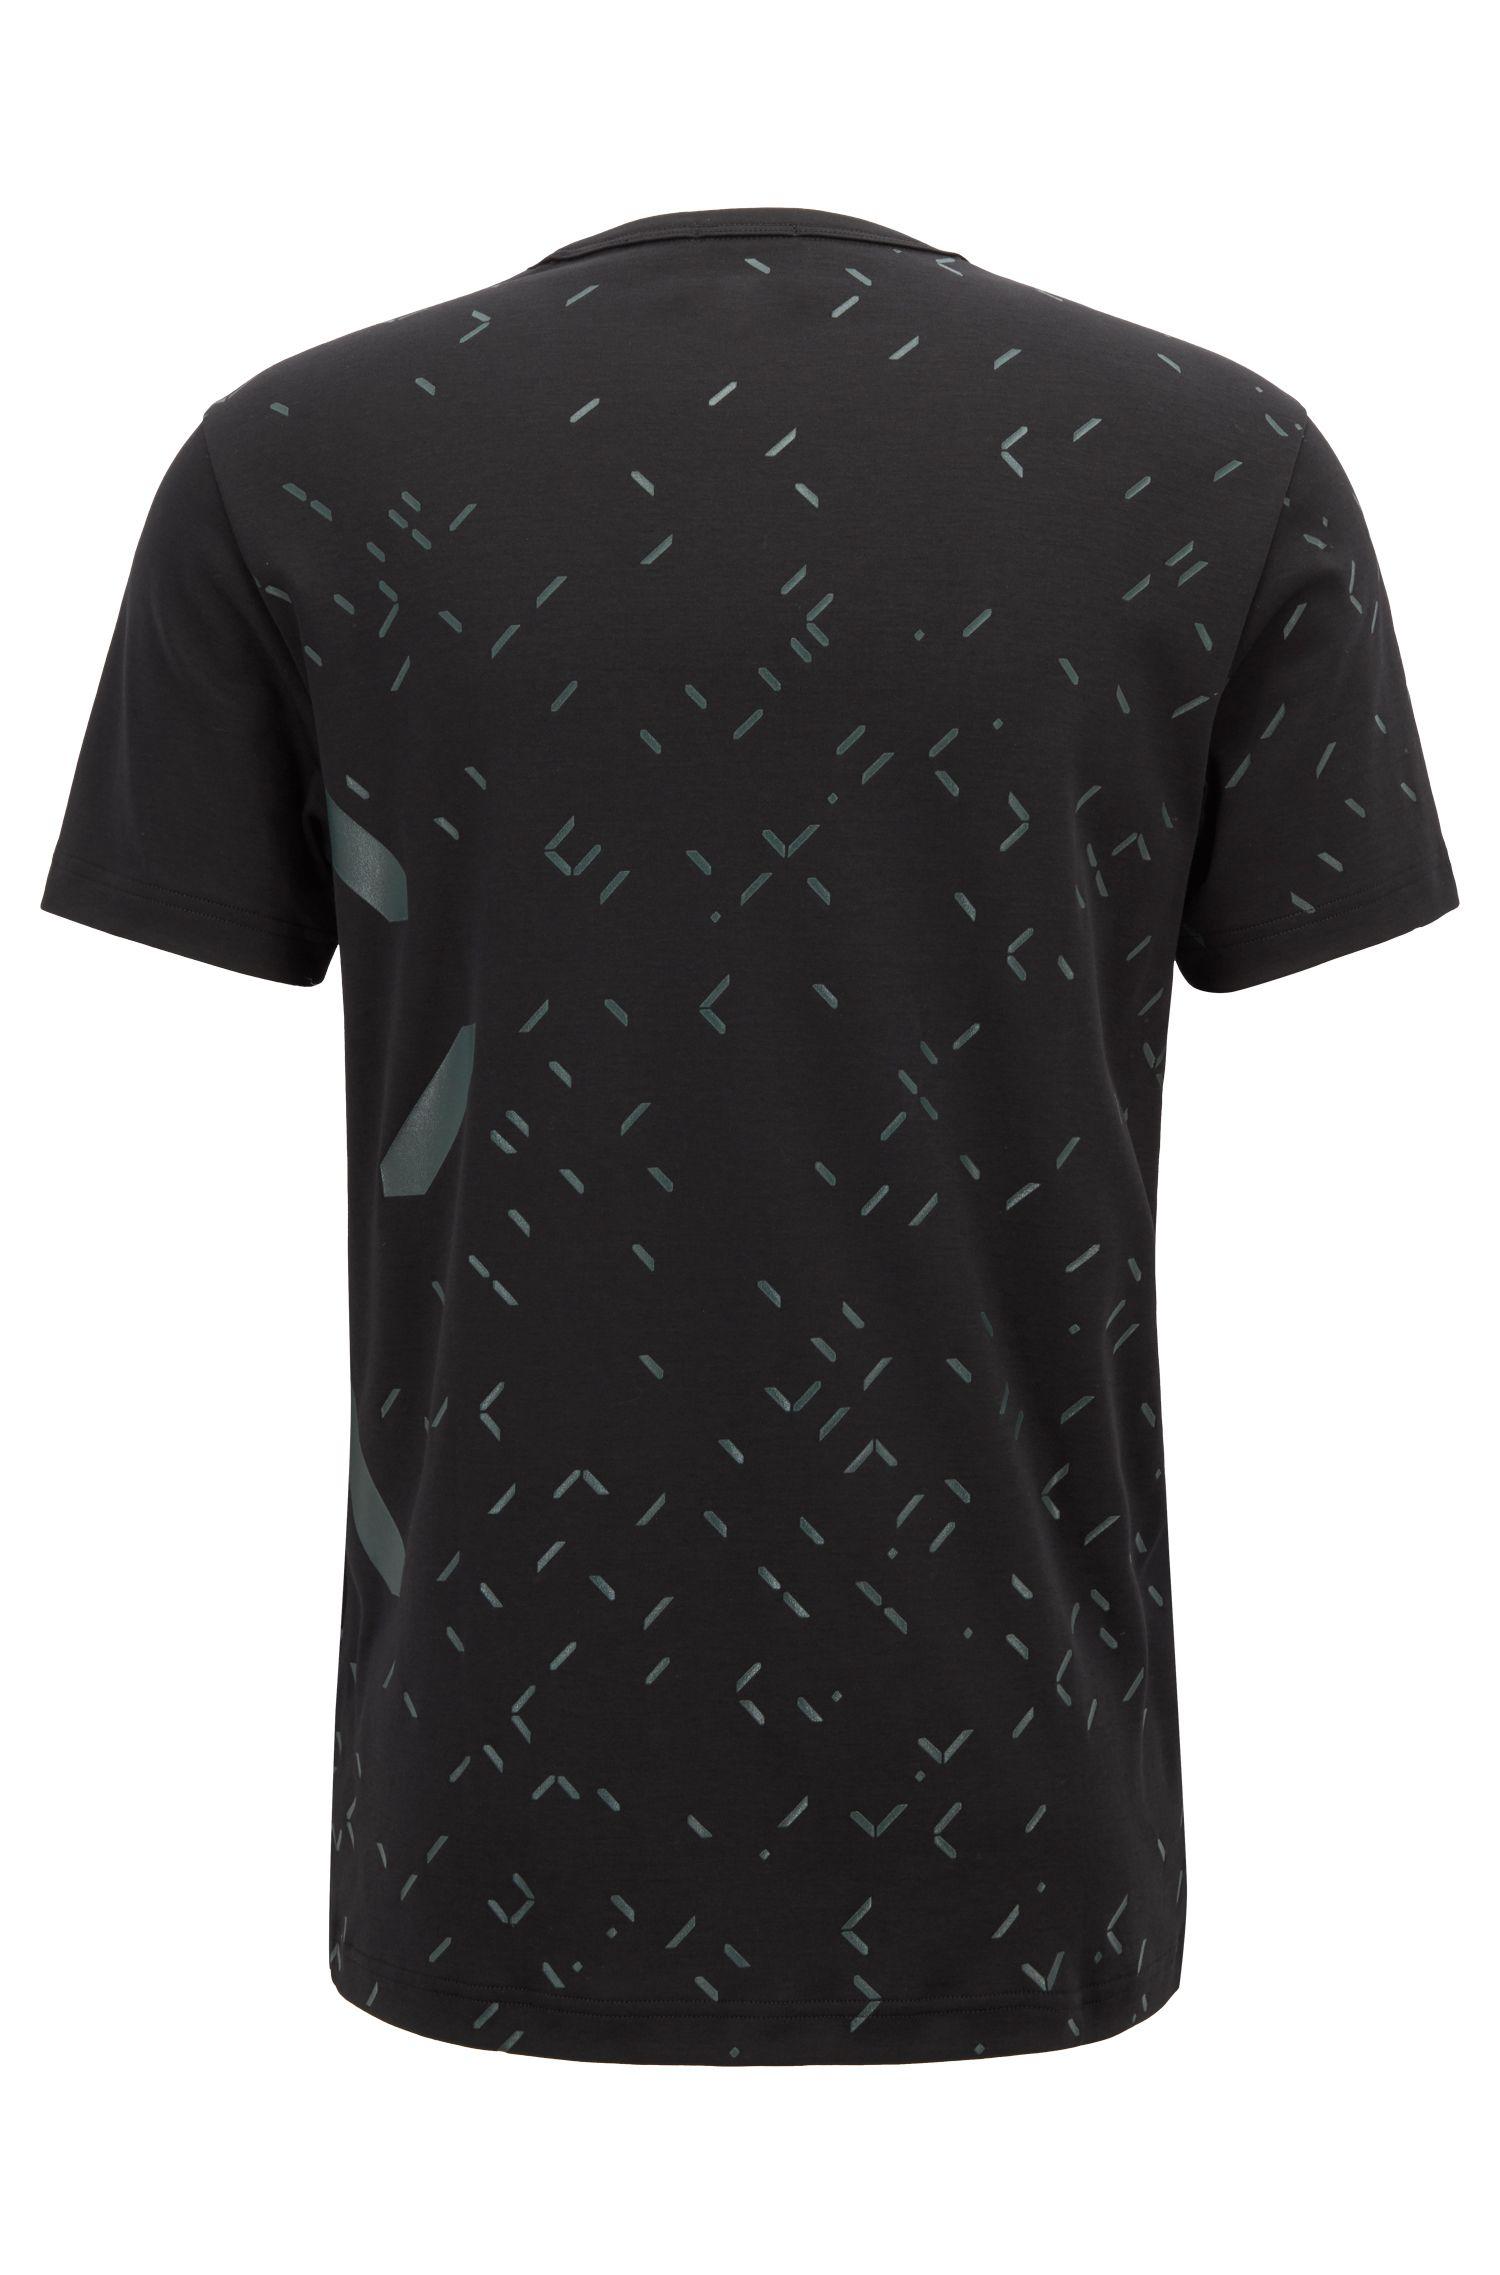 Camiseta slim fit con el diseño por toda la prenda de un reloj digital, Negro